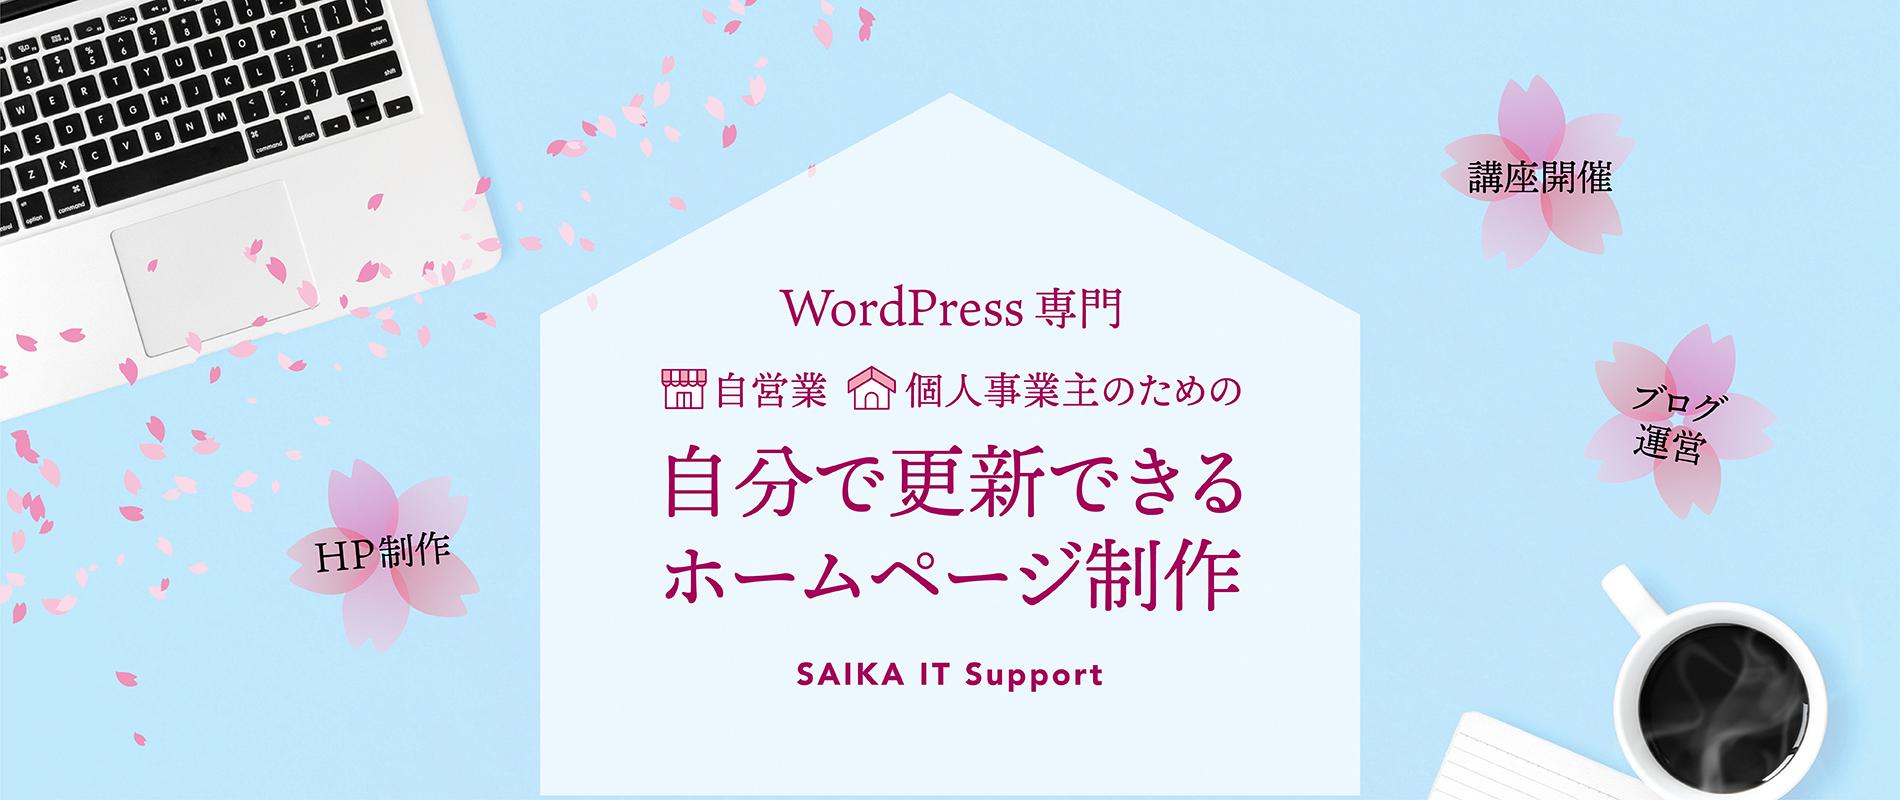 自分で更新できるホームページ制作│WordPress専門│自営業・個人事業主